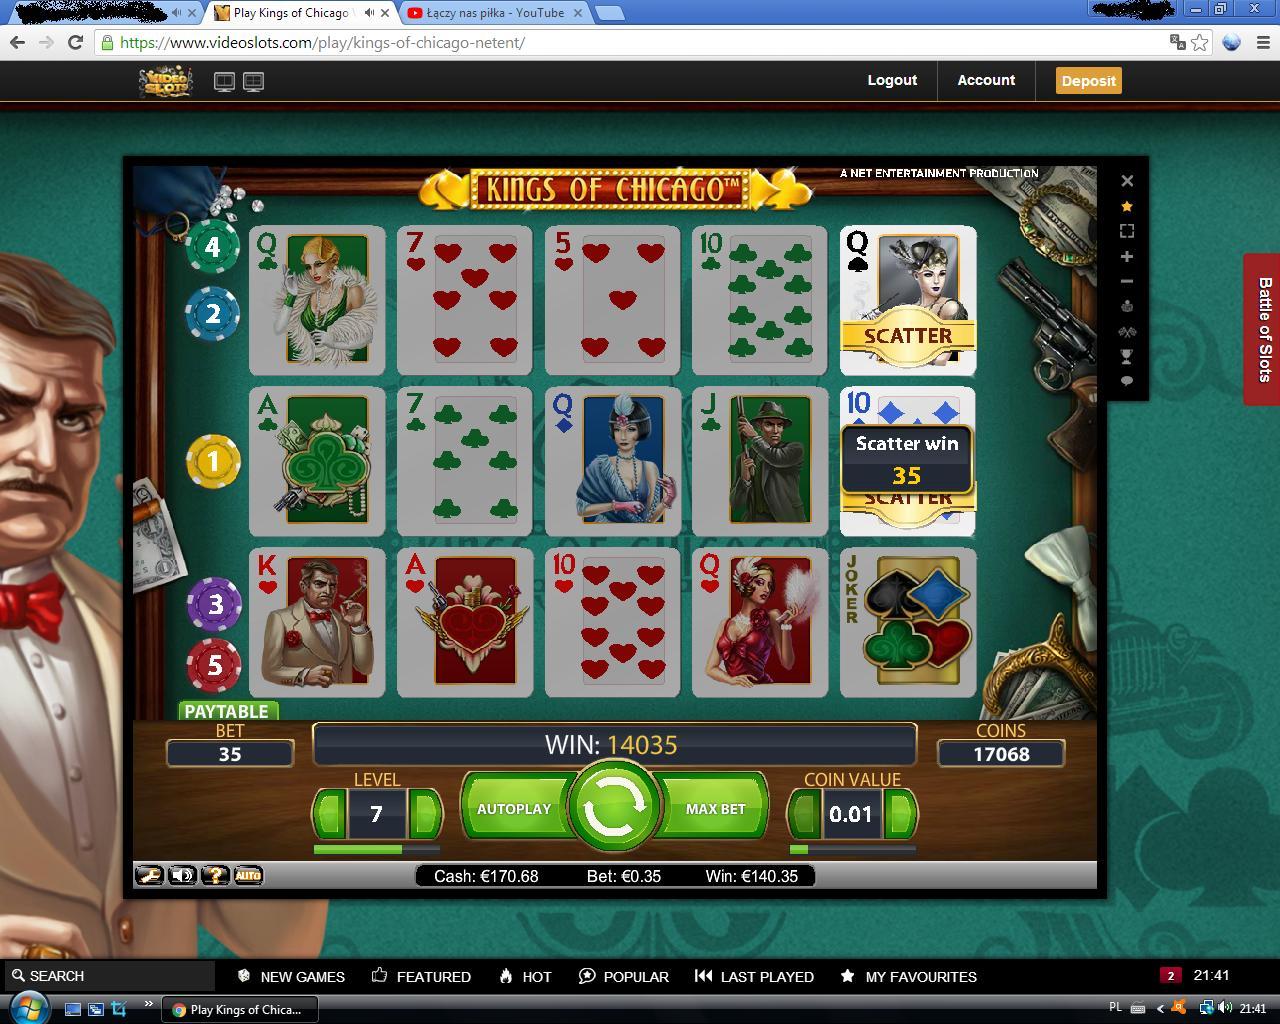 Screenshoty naszych wygranych (minimum 200zł - 50 euro) - kasyno - Page 8 Bezcot17